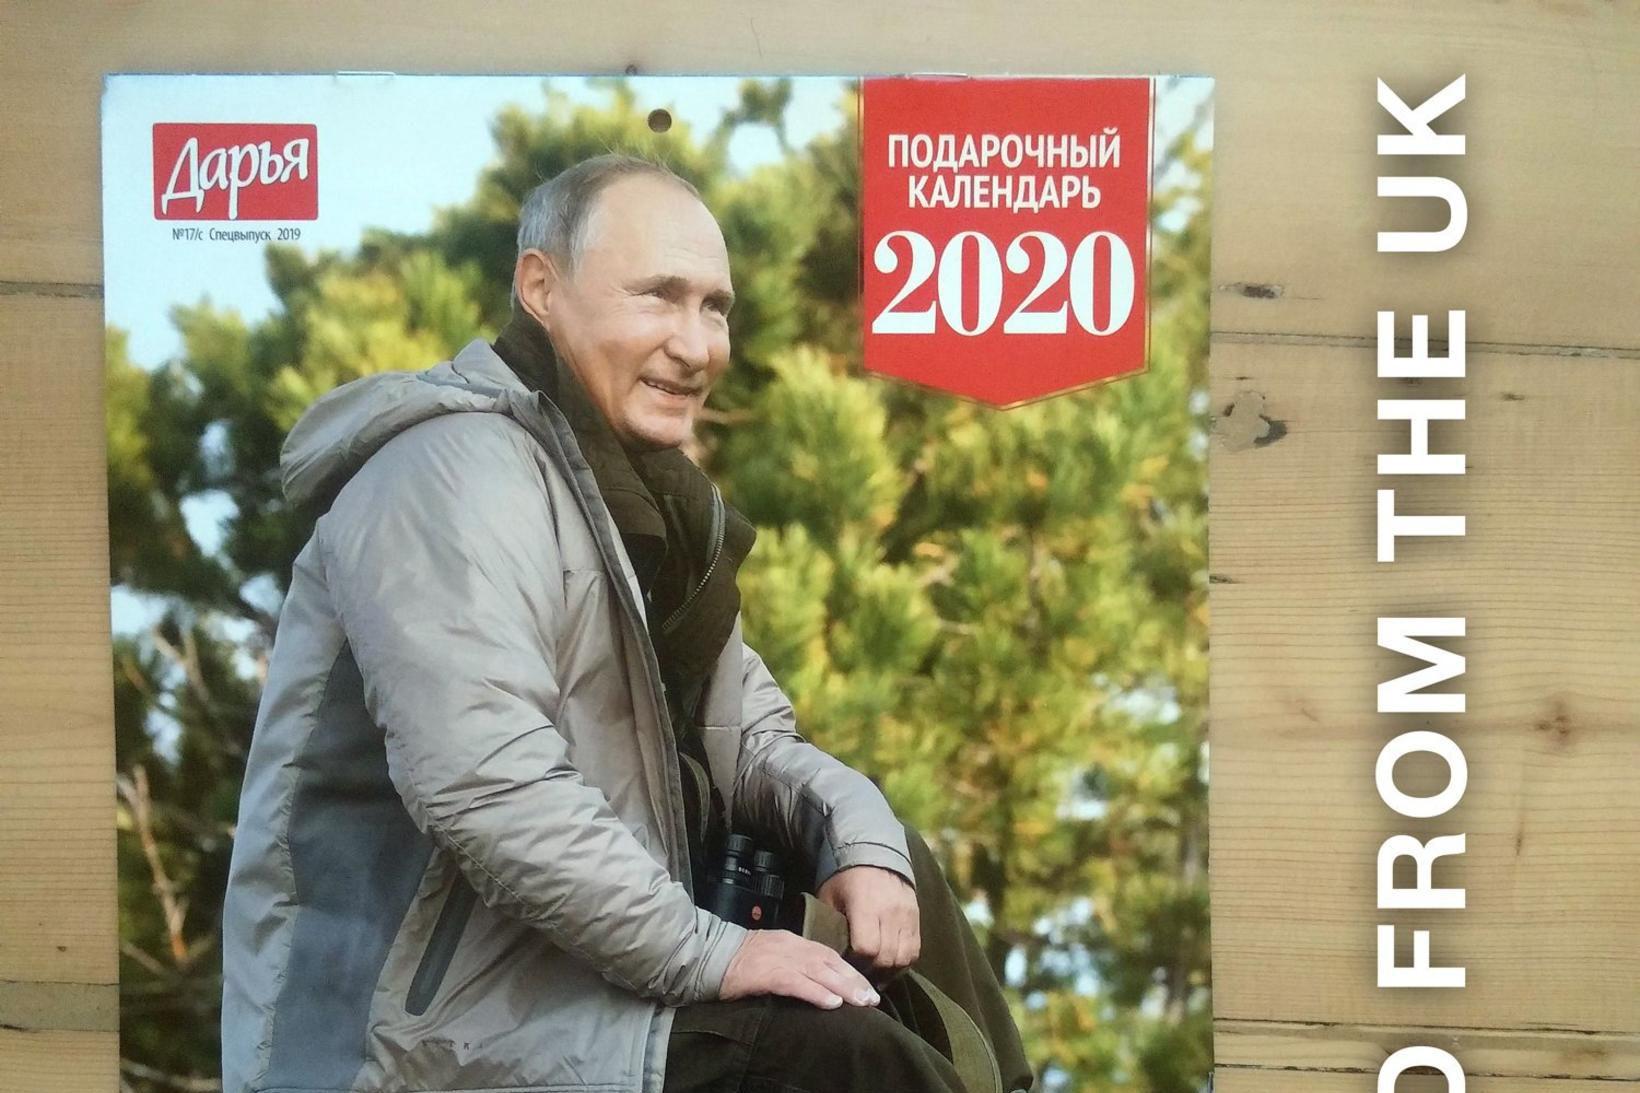 Í dagatalinu fyrir árið 2020 er Pútín nokkuð hófsamari en …